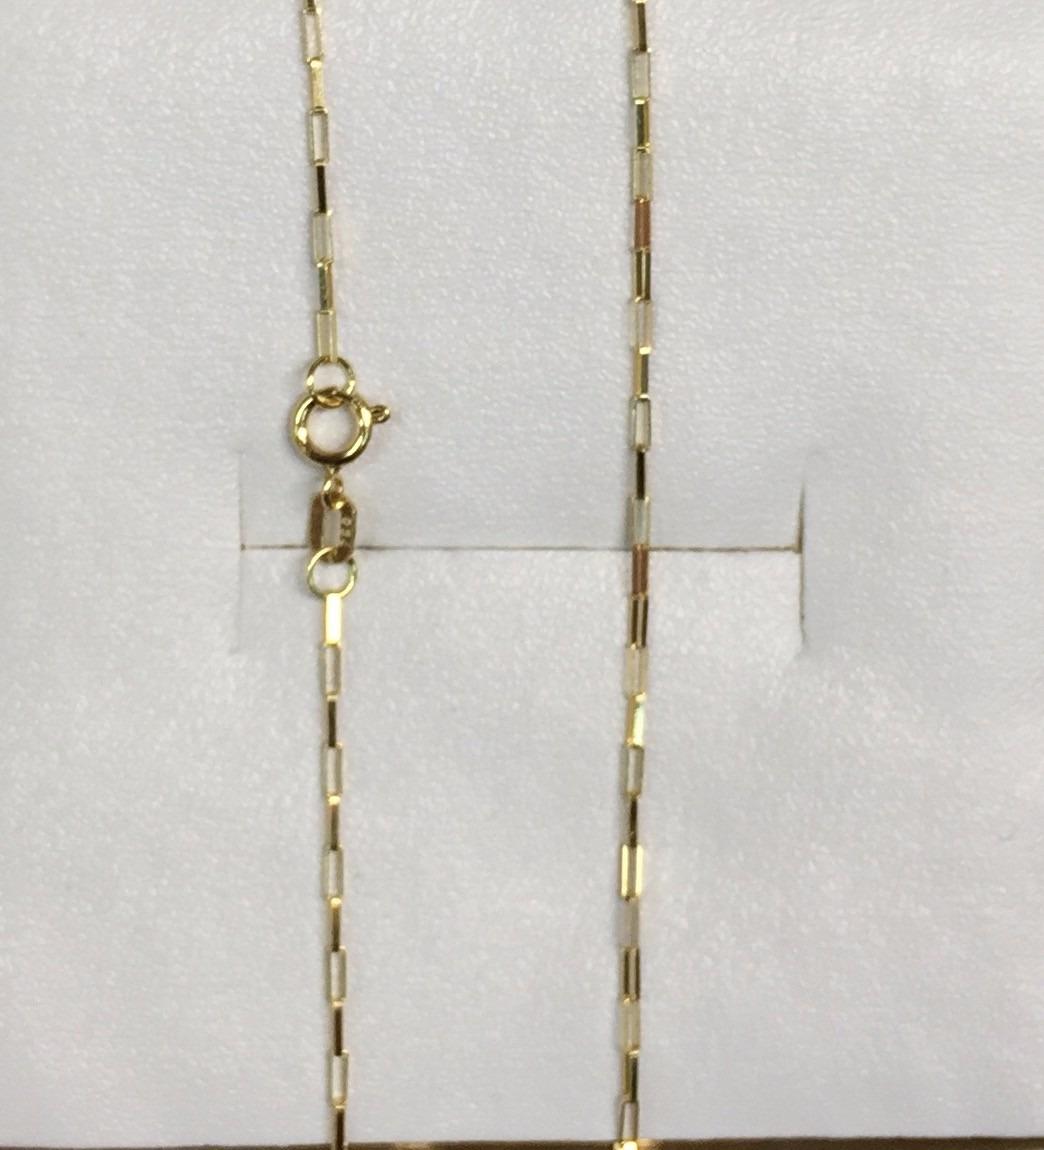 afedbf38d1a corrente cordão de ouro 18k 750 50cm feminino masculino. Carregando zoom.